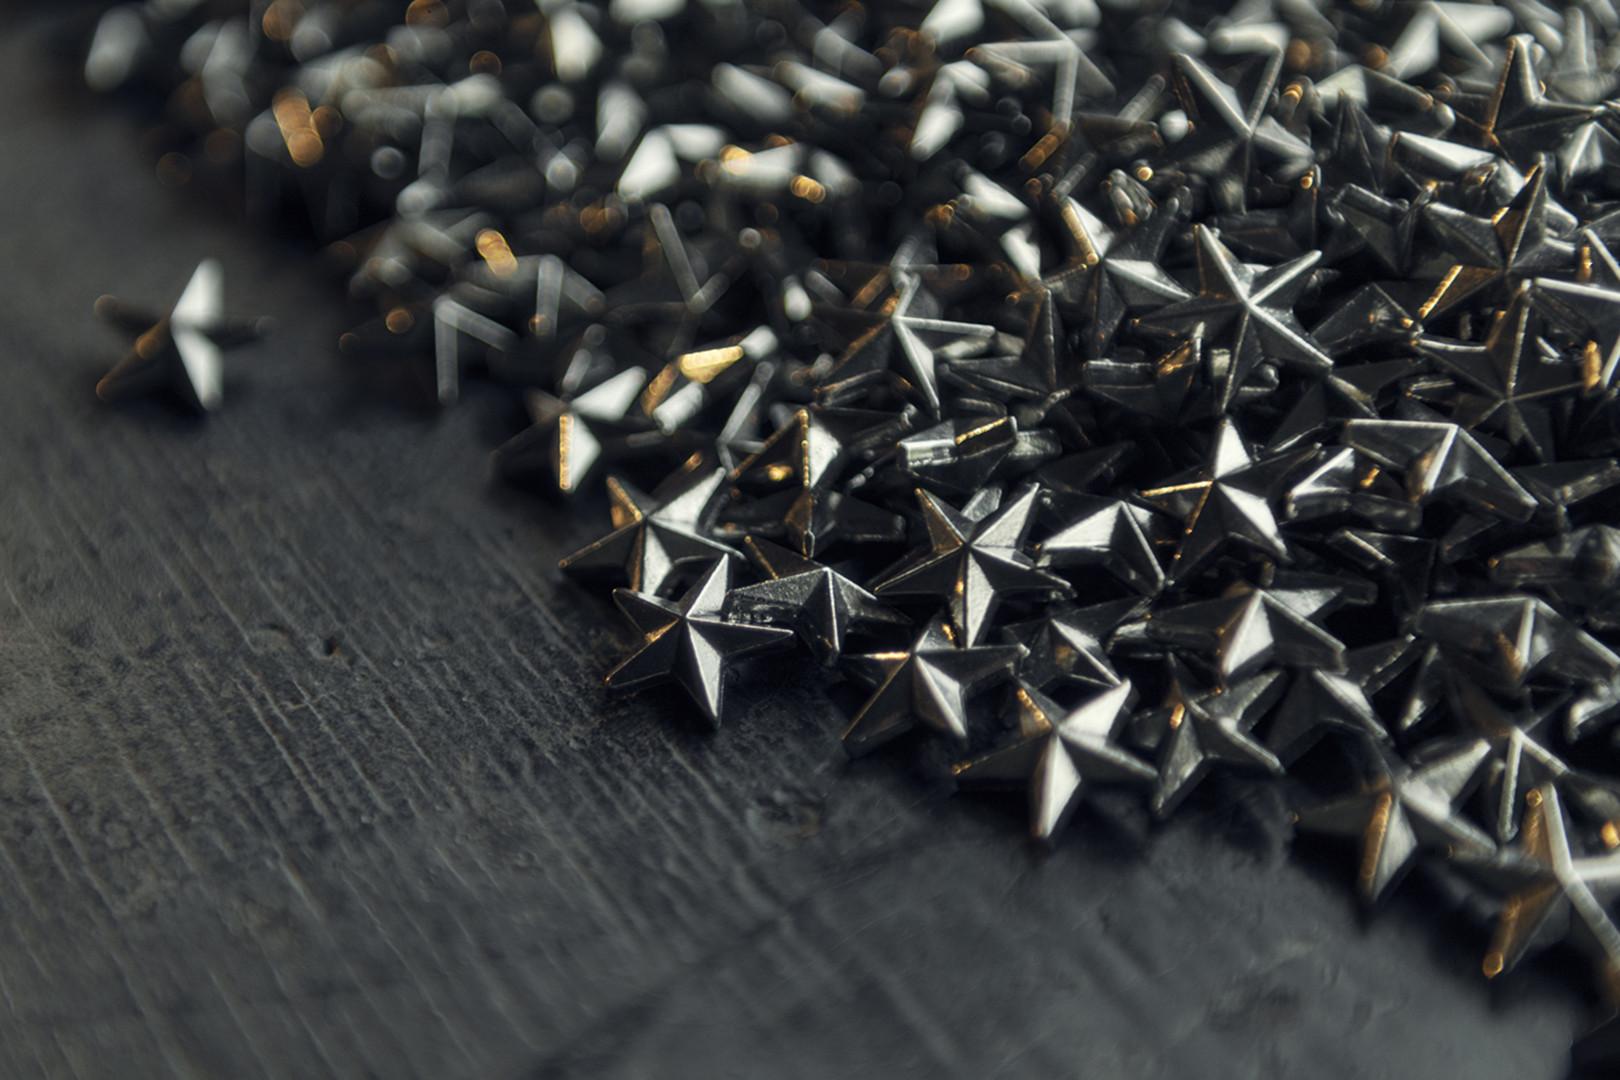 Negyvenkétezer apró csillag formájában osztják szét a serleg darabjait a csapait bérletesei közt